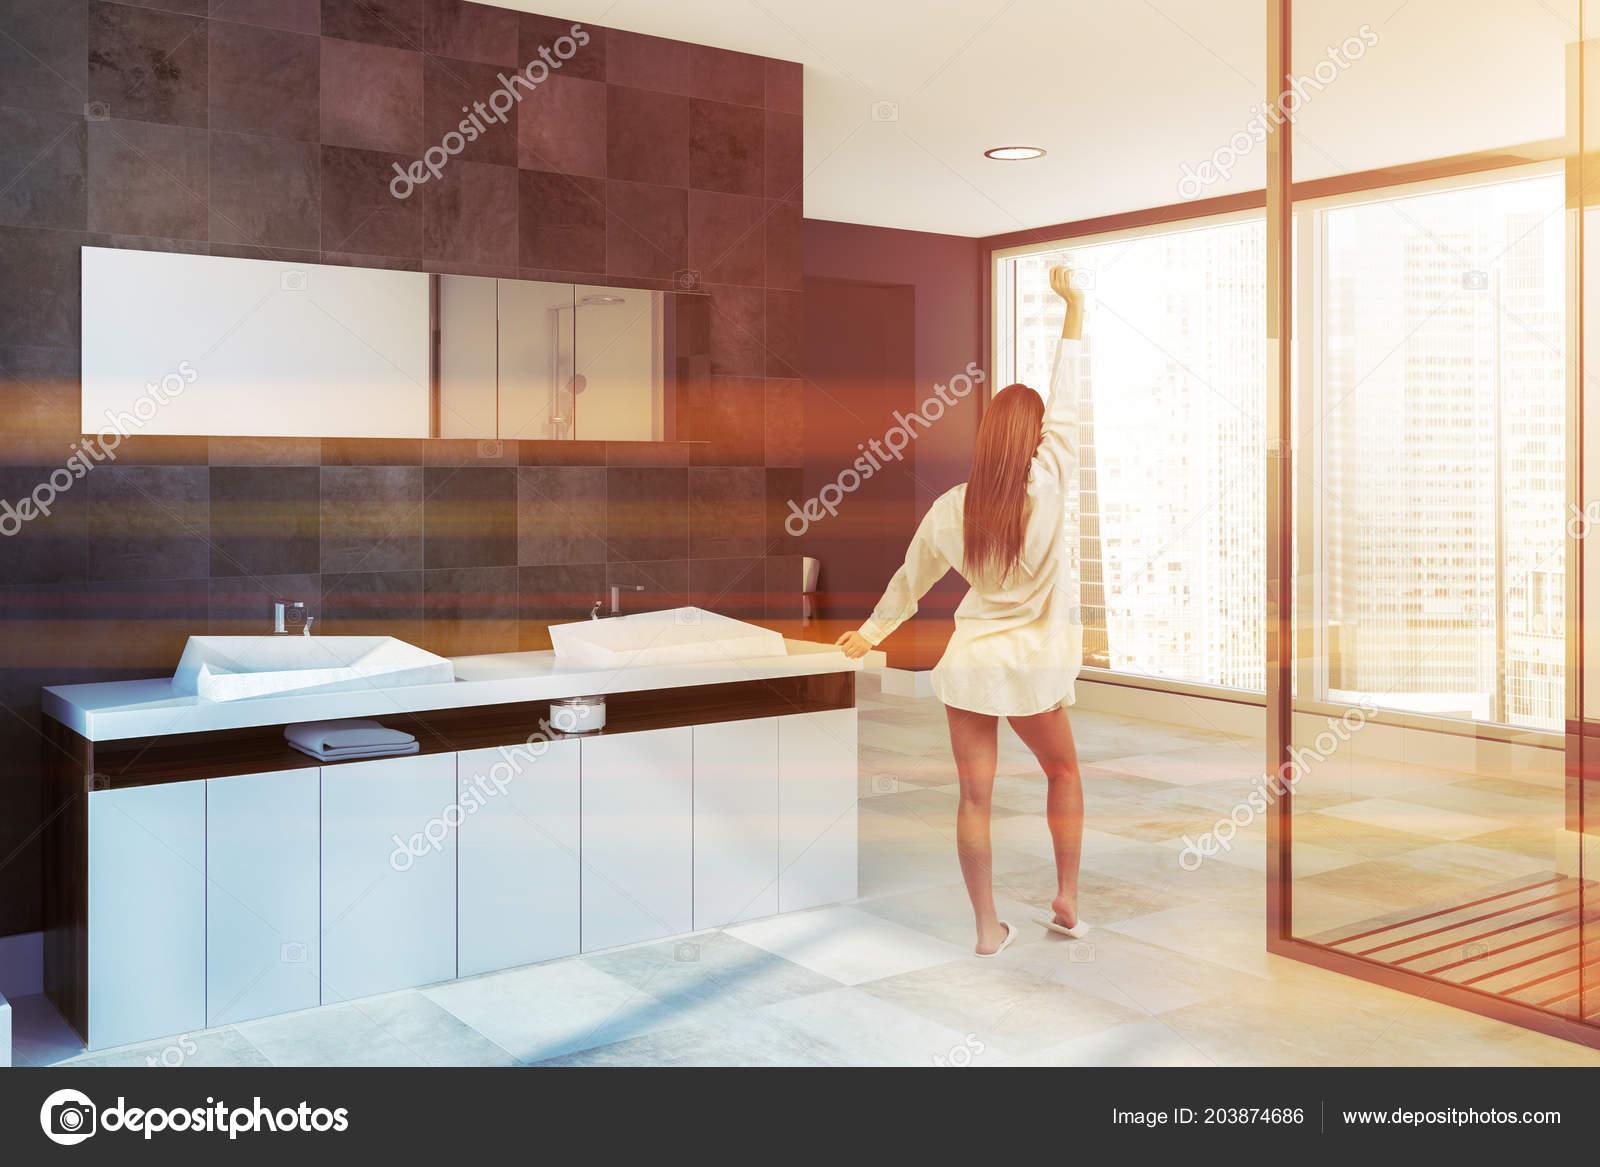 Muebles Bano Lavabo Cristal.Ducha Cristal Interior Panoramica Bano Con Paredes Azulejo